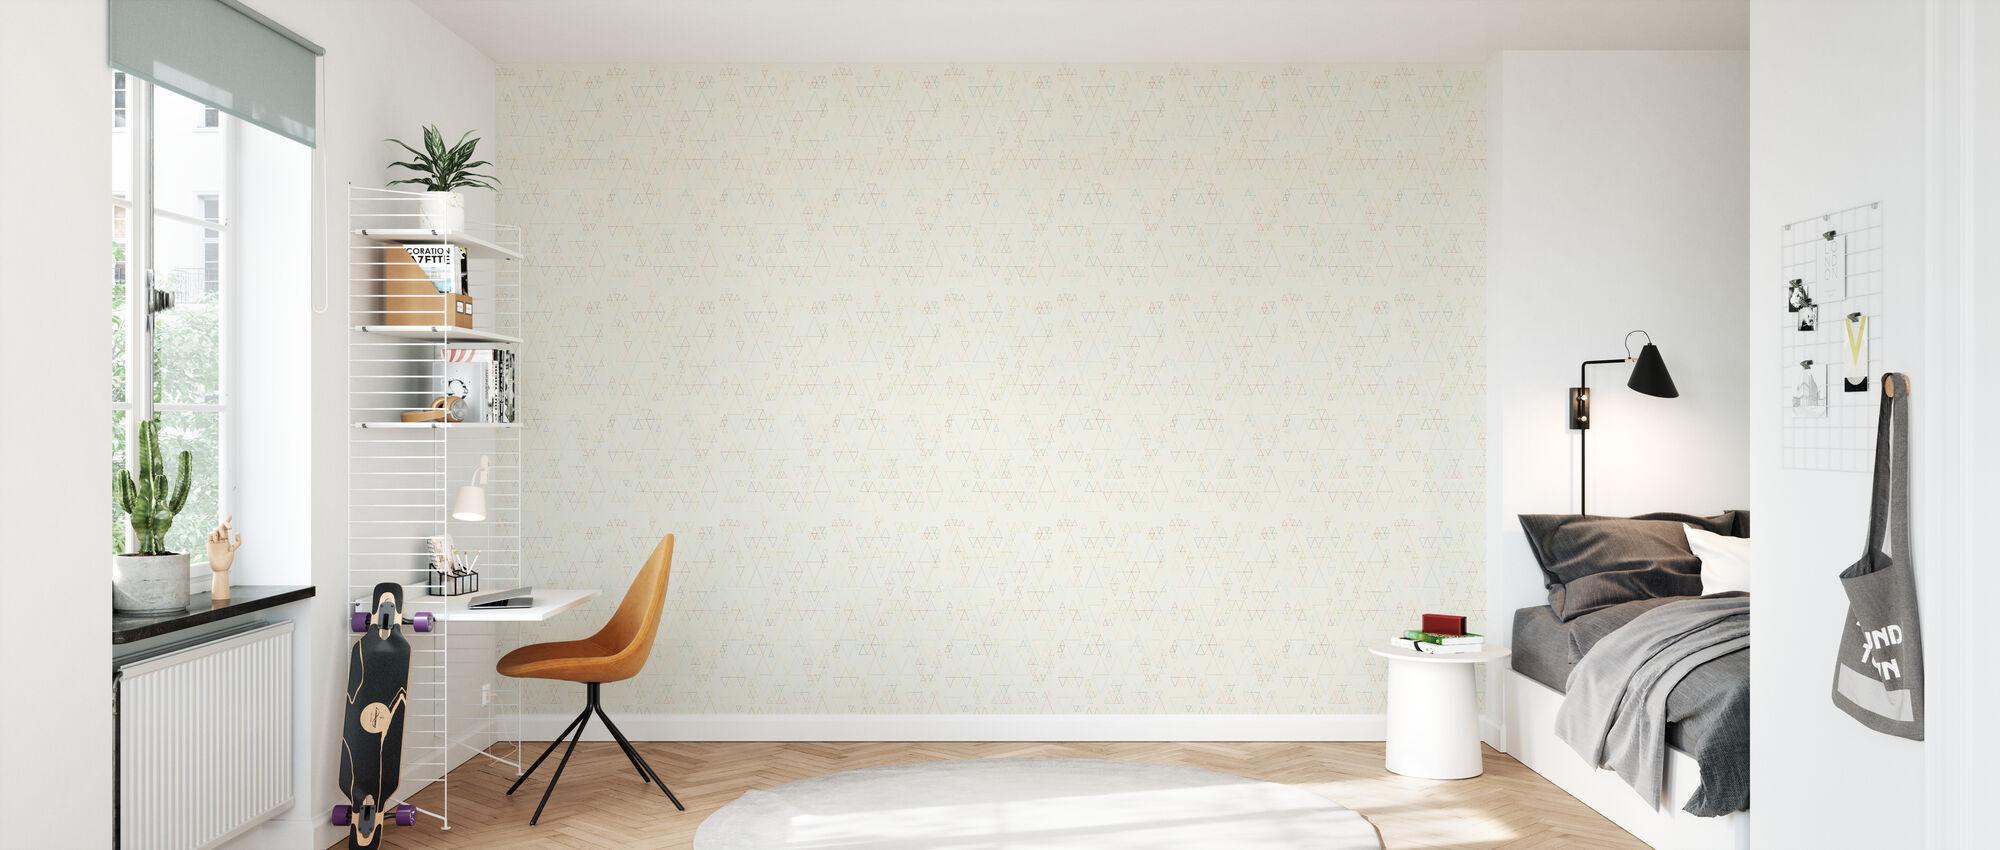 Retroline Offwhite - Wallpaper - Kids Room